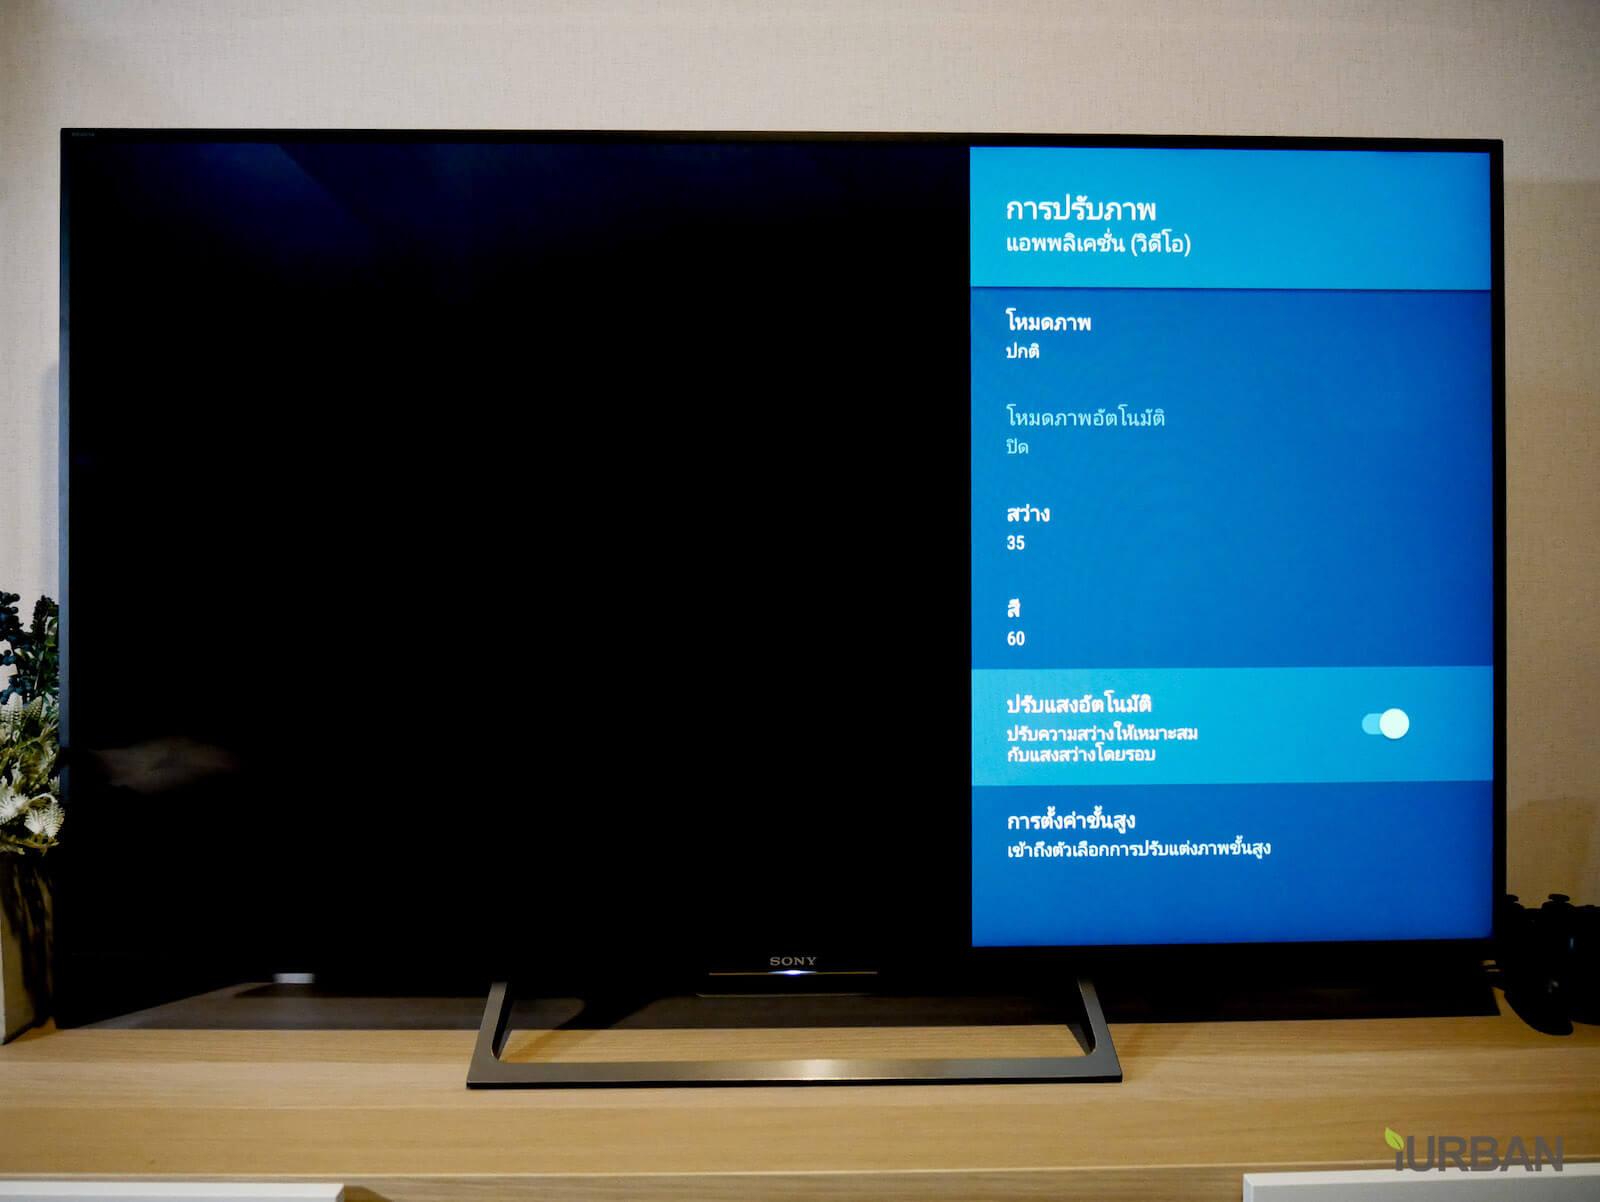 SONY X8500E 4K-HDR Android TV นวัตกรรมที่จะเปลี่ยนชีวิตกับทีวี ให้ไม่เหมือนเดิมอีกต่อไป 69 - Android